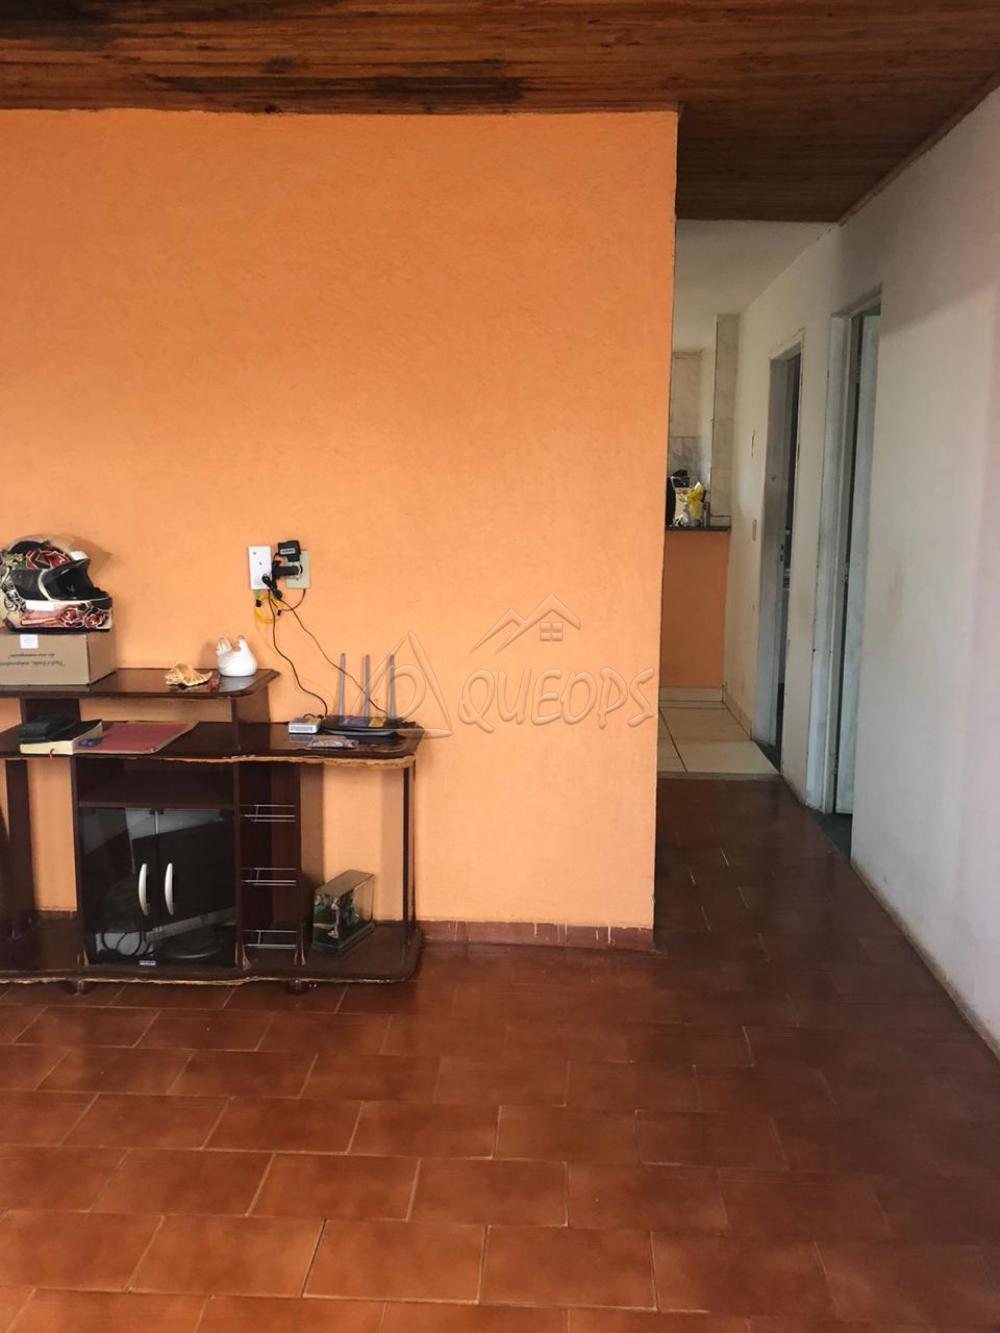 Comprar Casa / Padrão em Barretos apenas R$ 140.000,00 - Foto 6